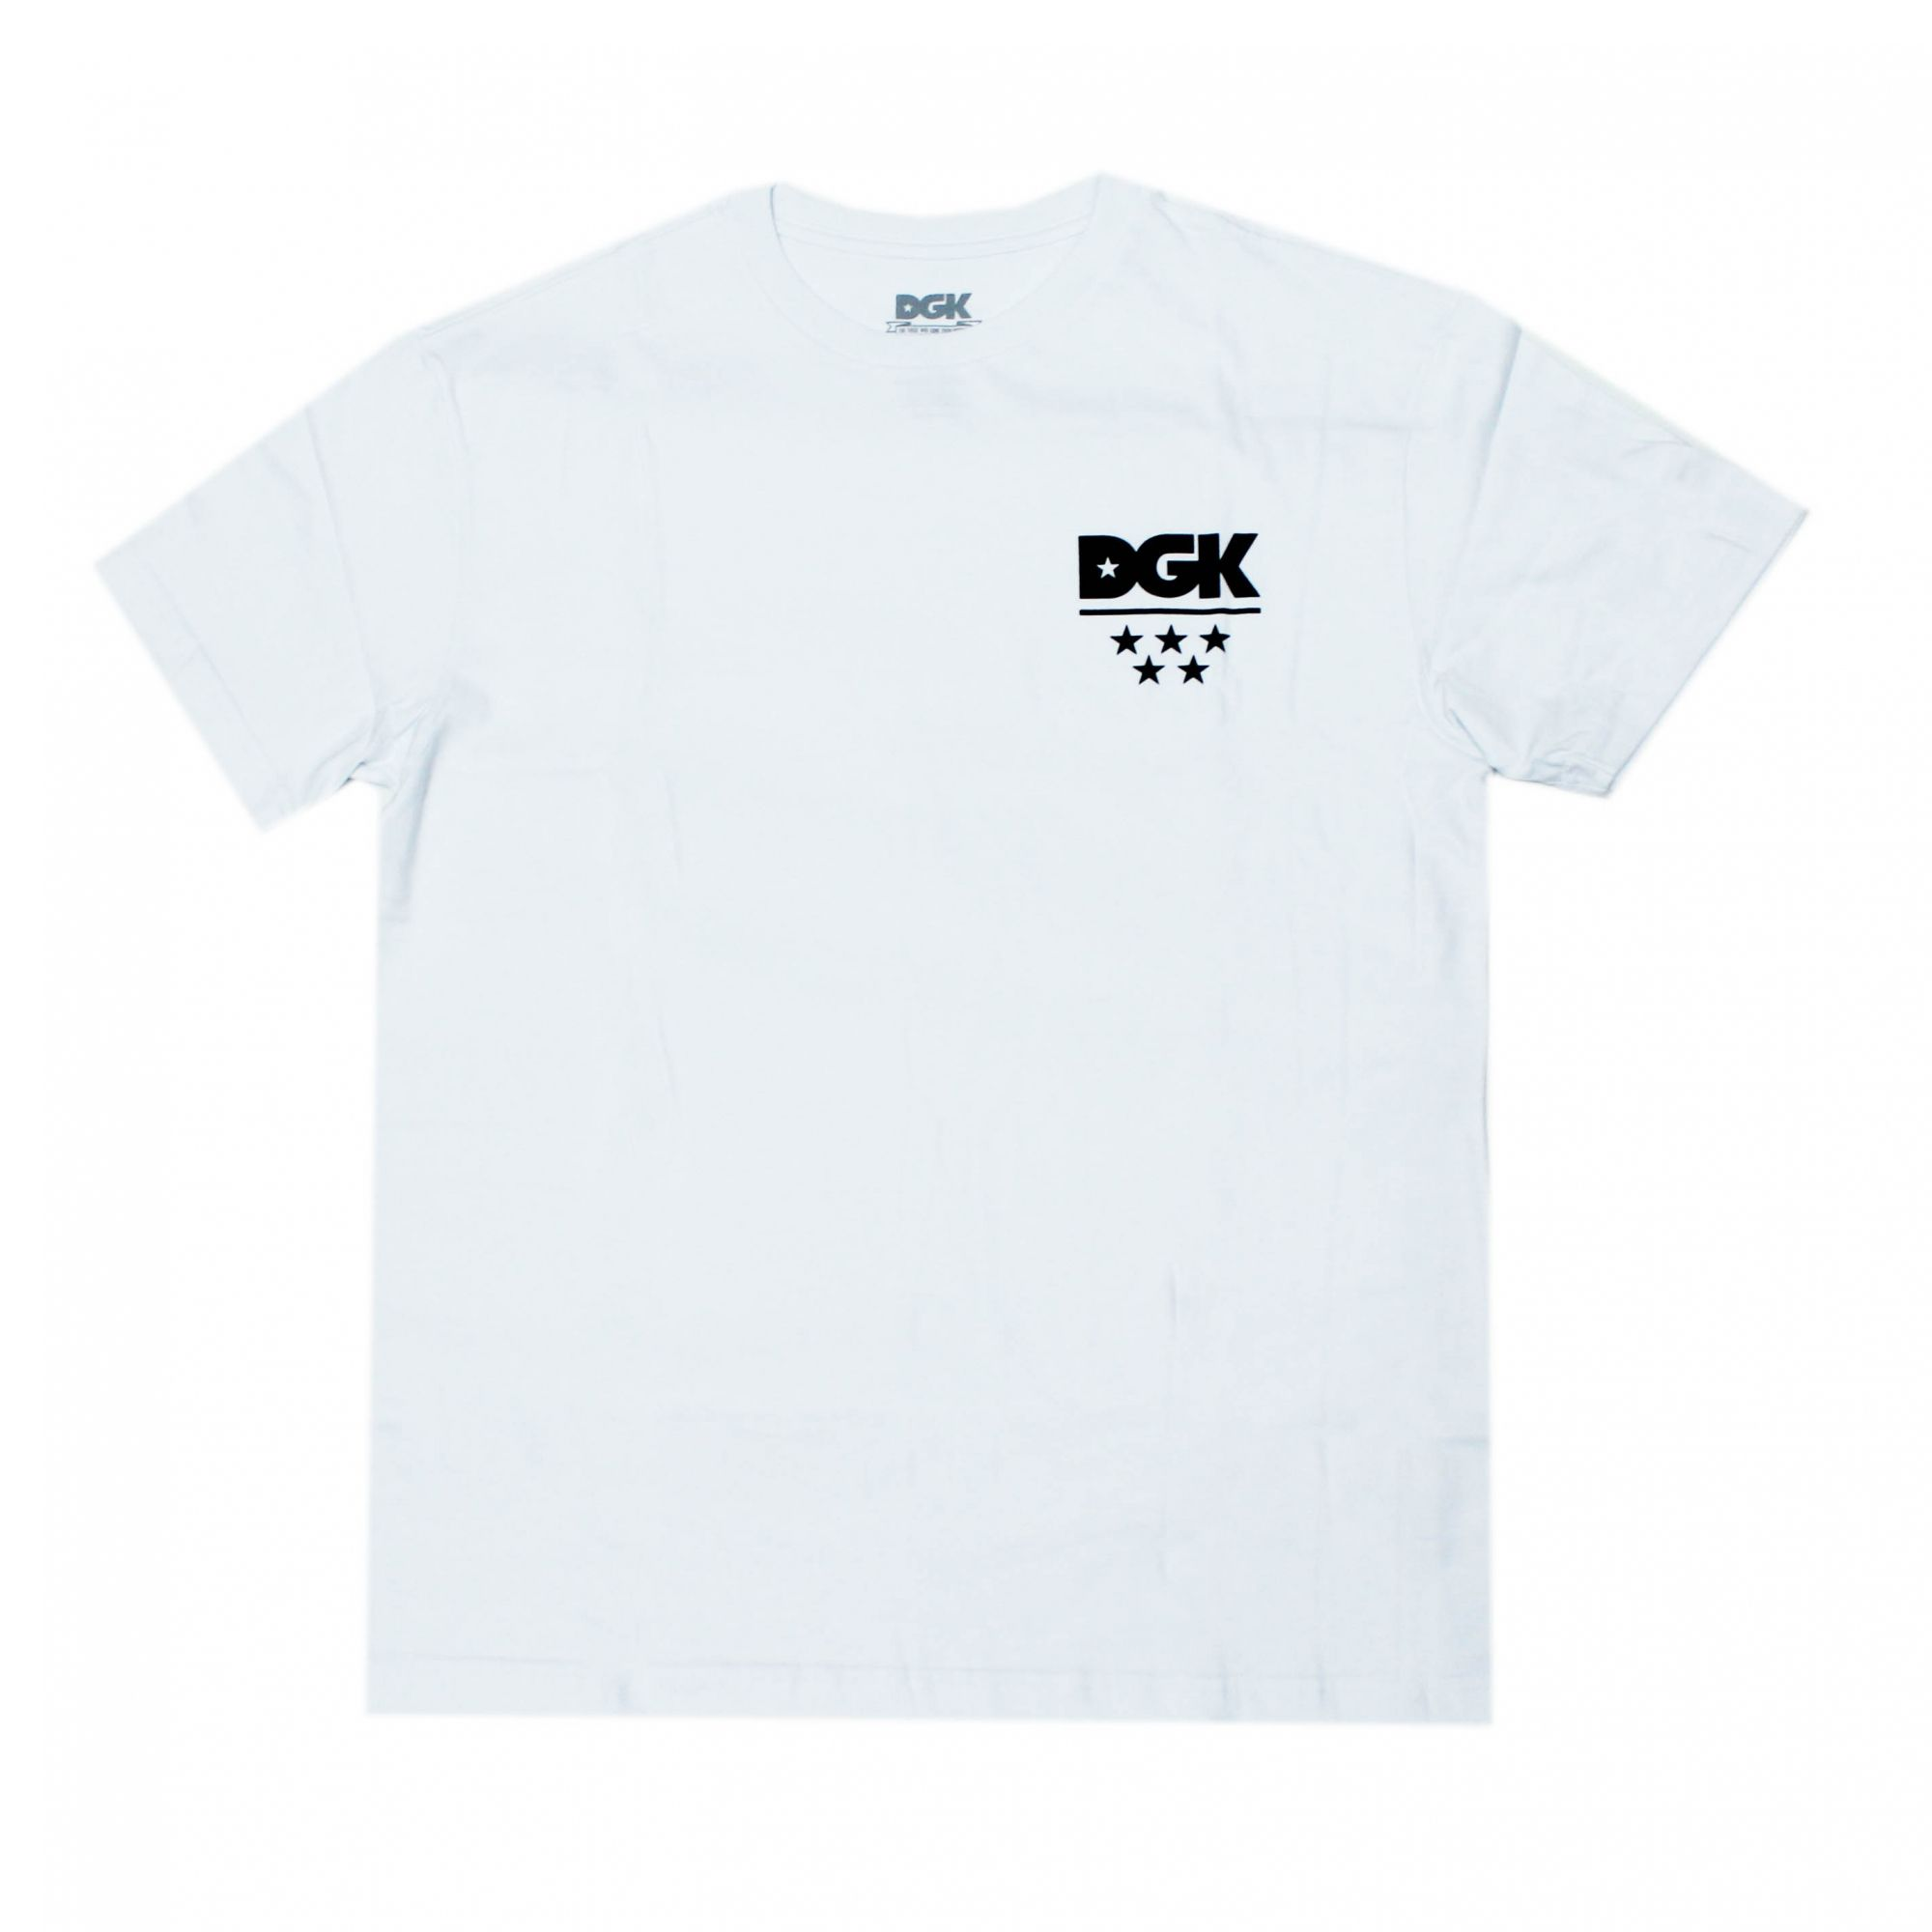 Camiseta DGK All Star - Branco